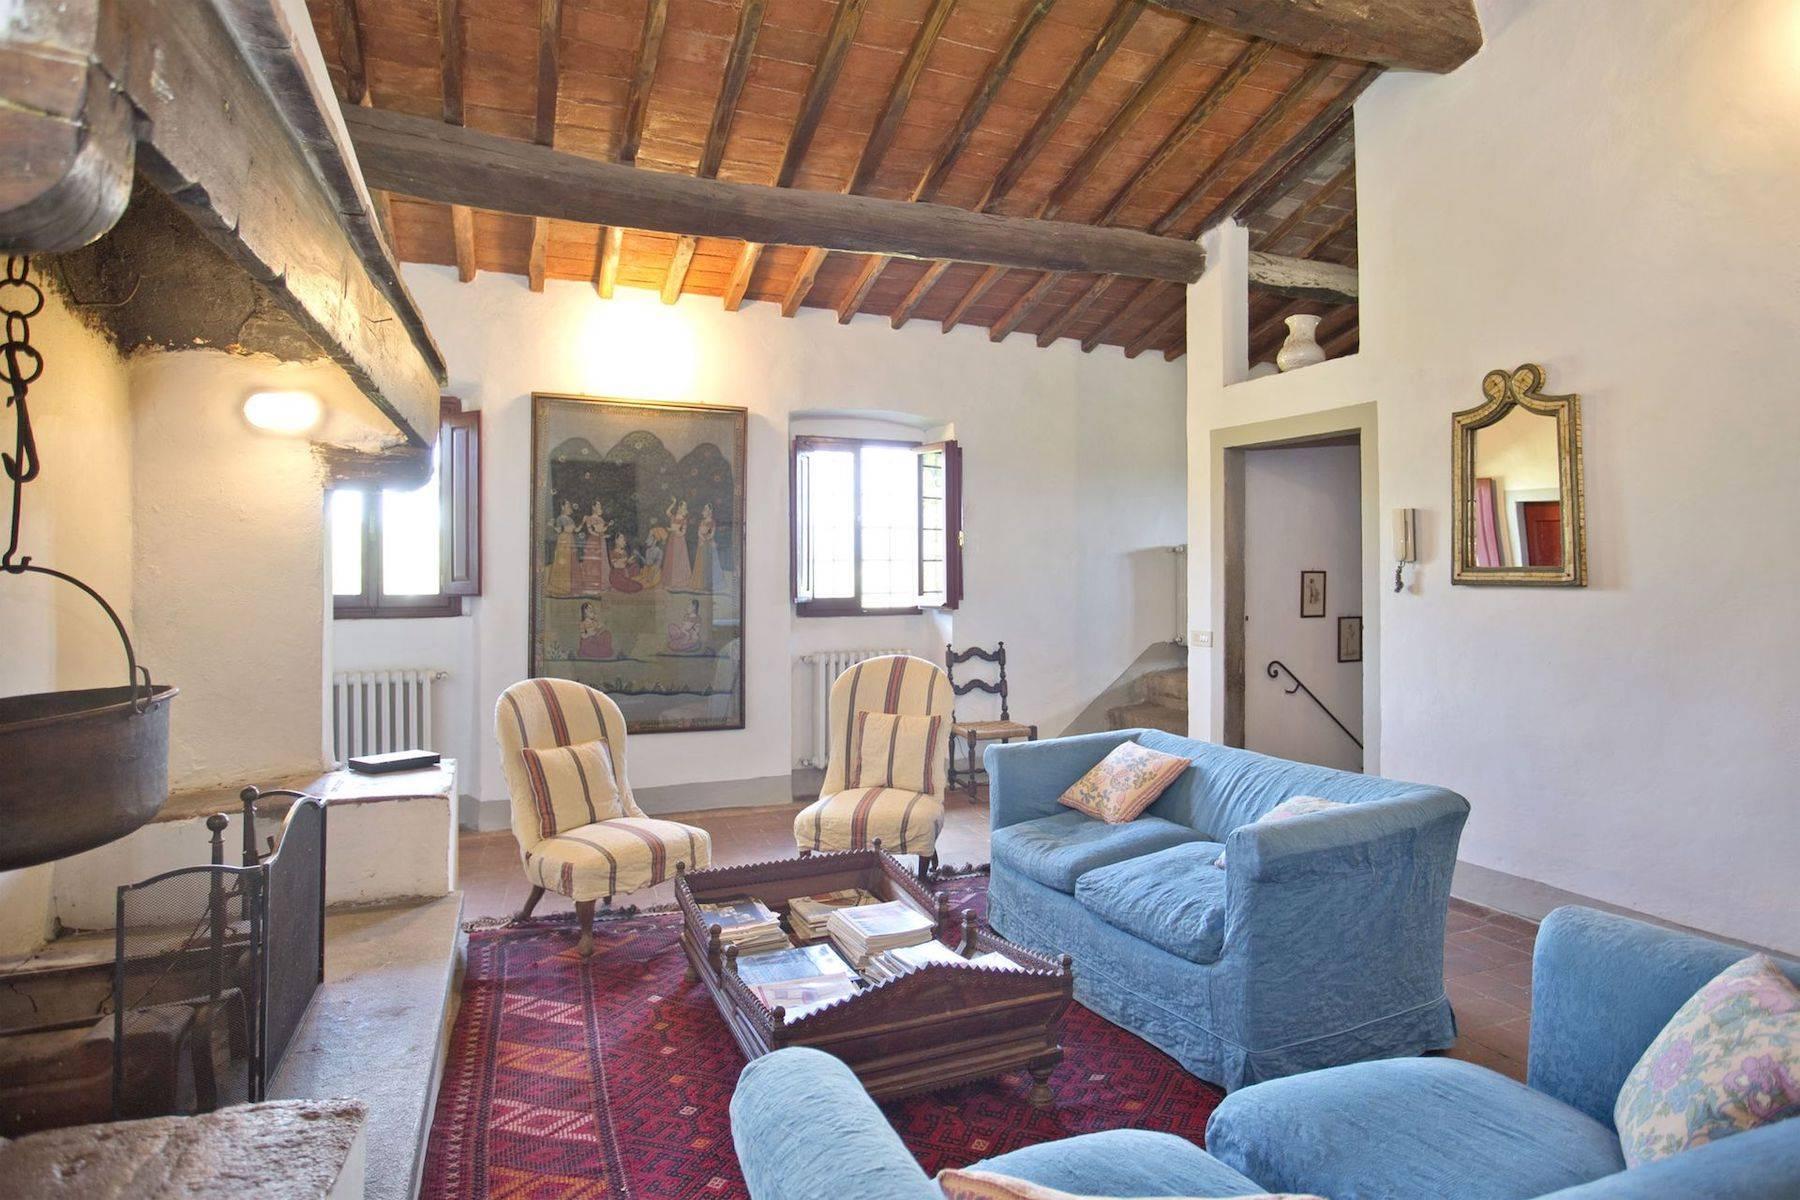 Villa in Vendita a Rignano Sull'Arno: 5 locali, 550 mq - Foto 14